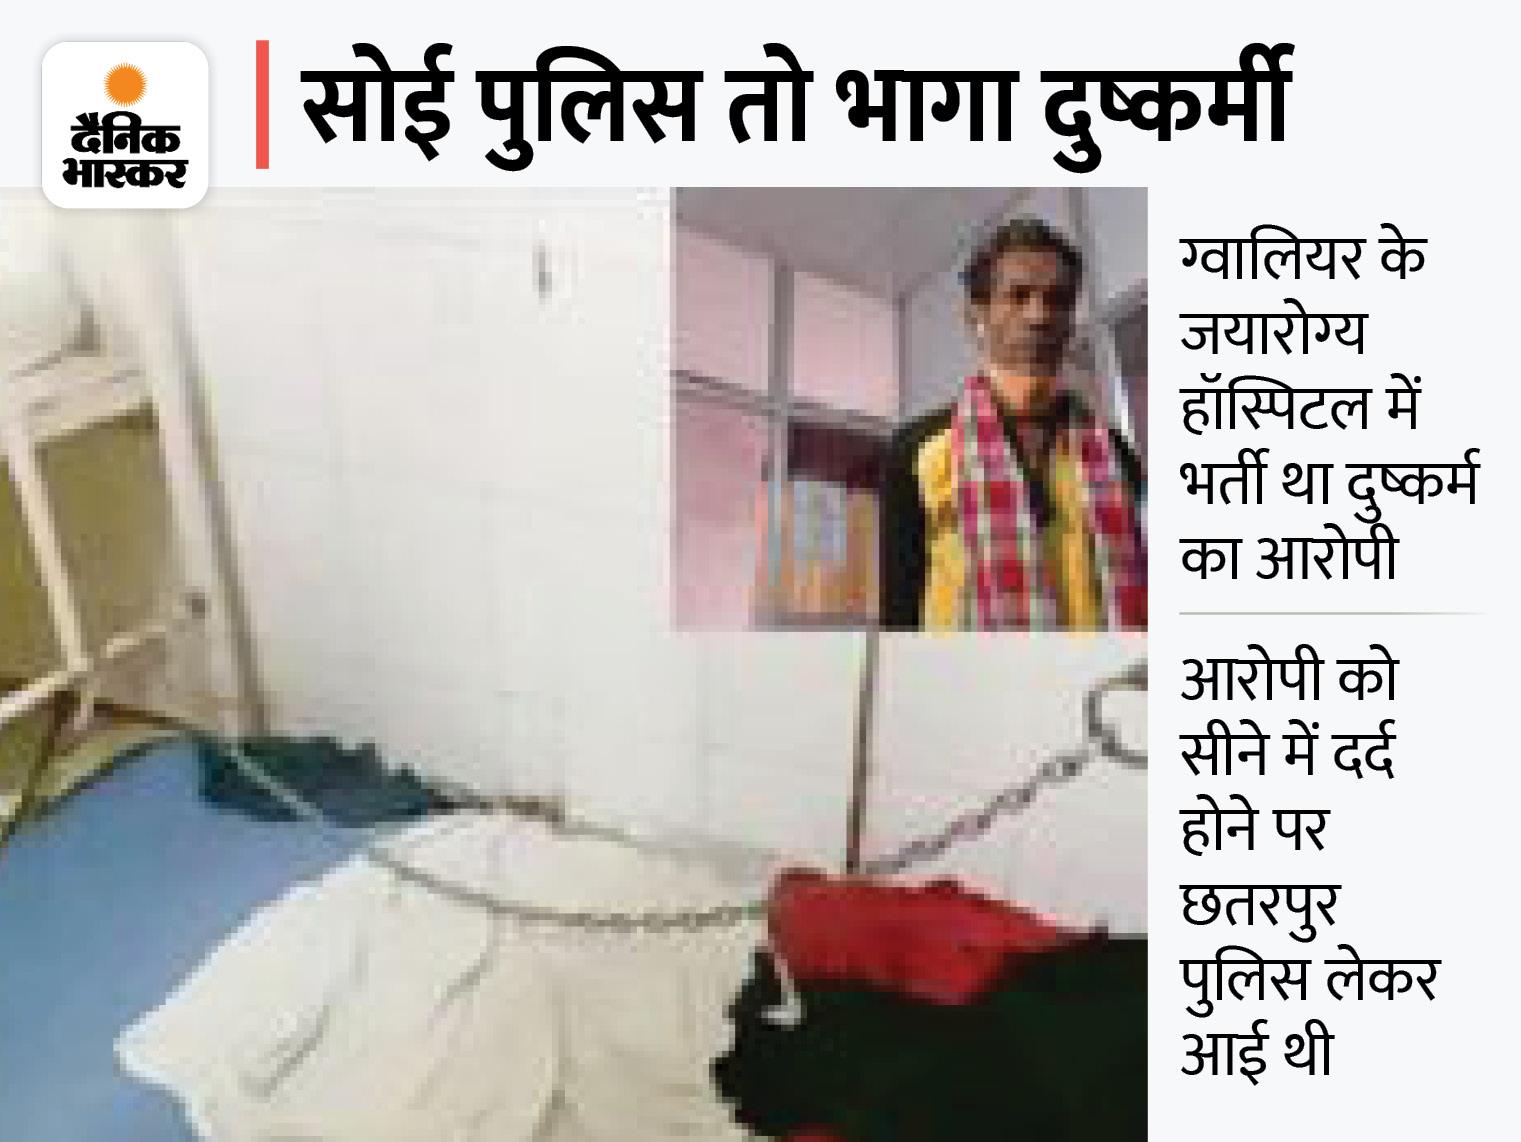 JAH के कार्डियोलॉजी में भर्ती दुष्कर्म का आरोपी हथकड़ी खिसकाकर फरार, एक दिन पहले छतरपुर पुलिस लेकर आई थी|ग्वालियर,Gwalior - Dainik Bhaskar